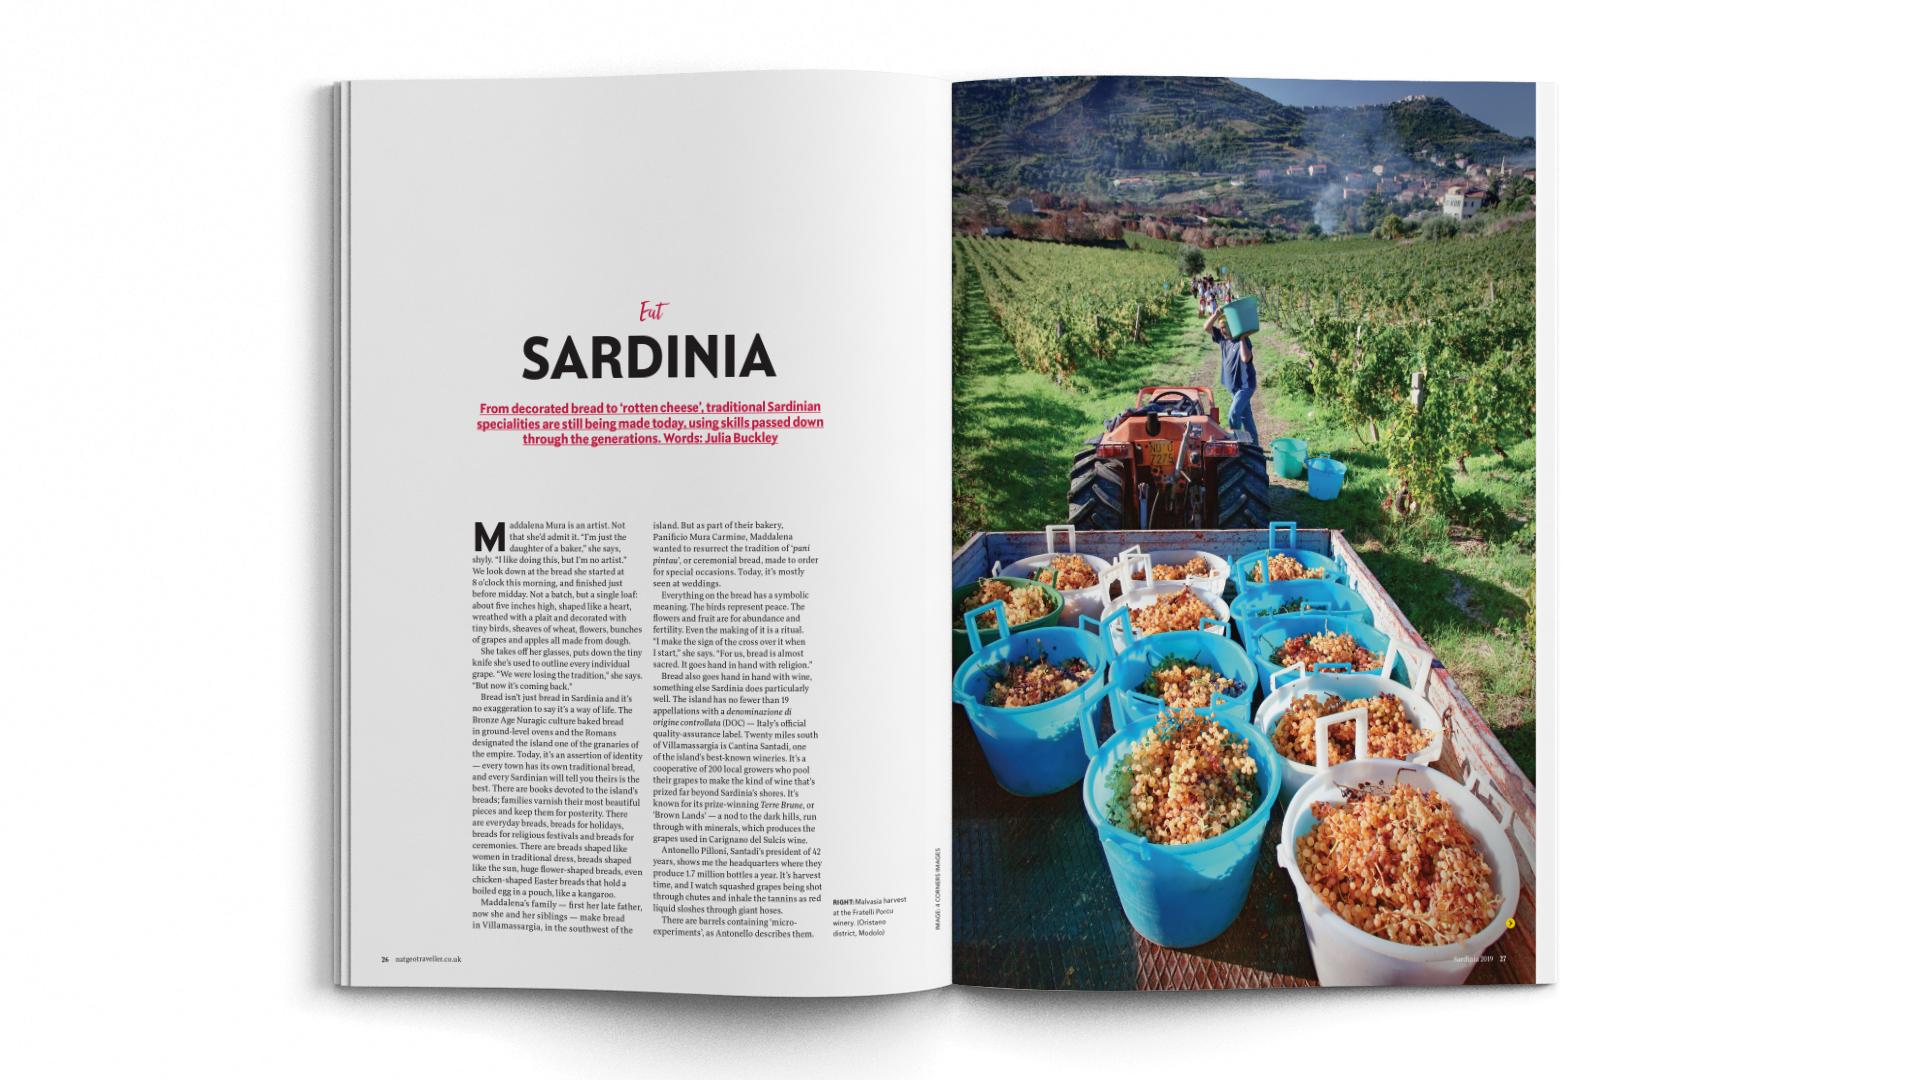 A4-Magazine-DPS-NGT-SARDINIA-Eat